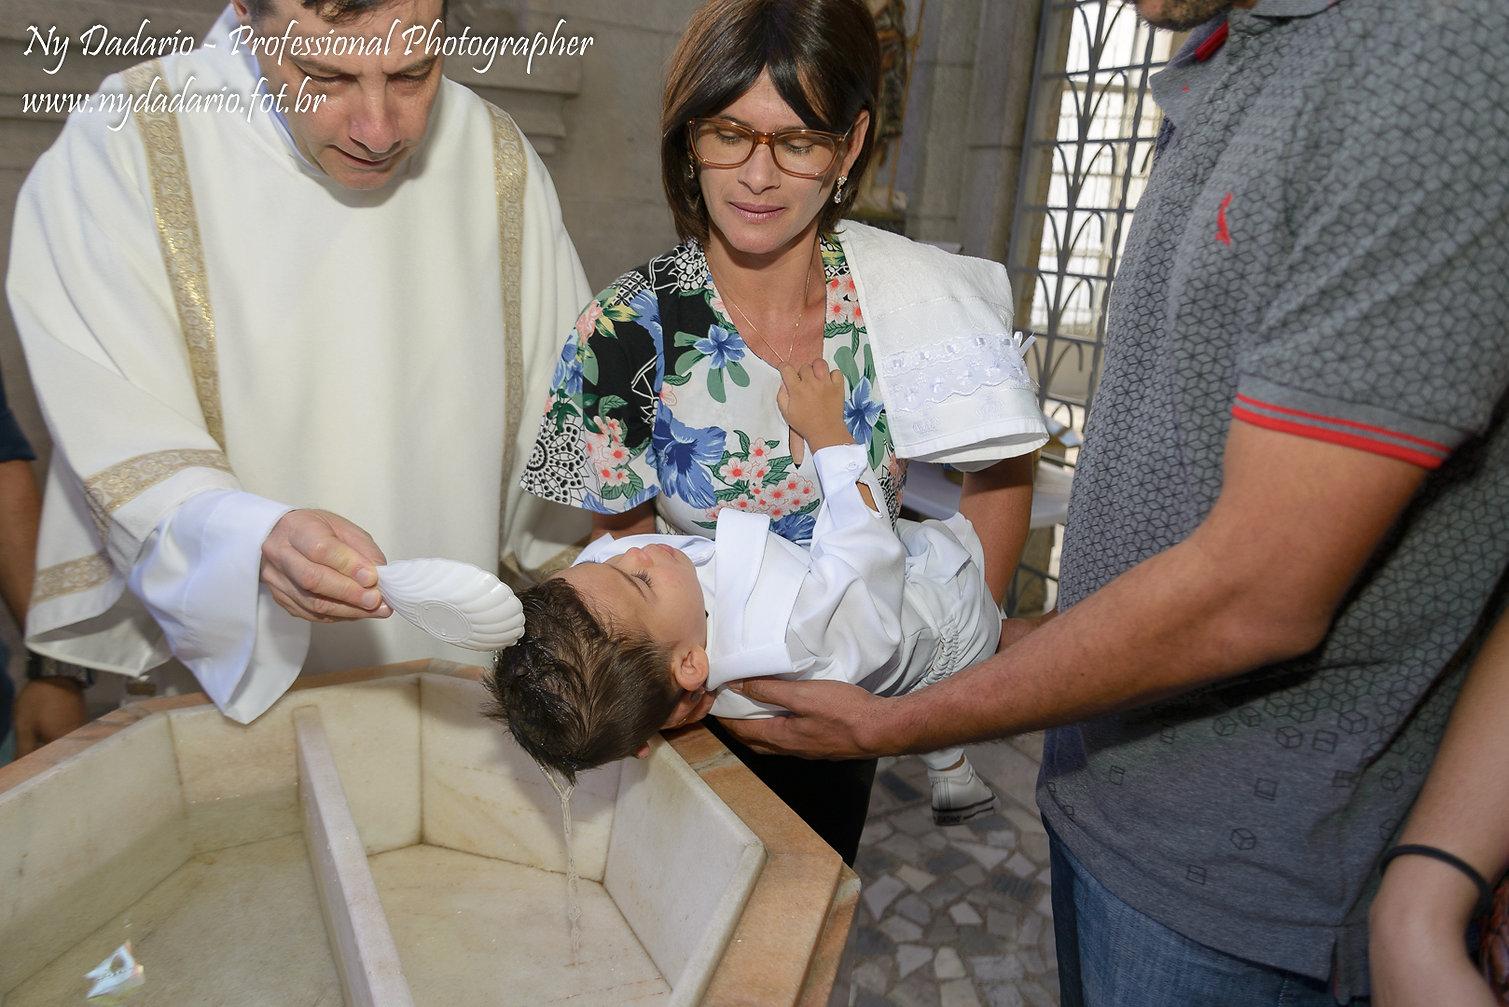 Cobertura Fotográfica e de Filmagem de Batizado em igrejas e templos no tatuapé, zona leste de São Paulo